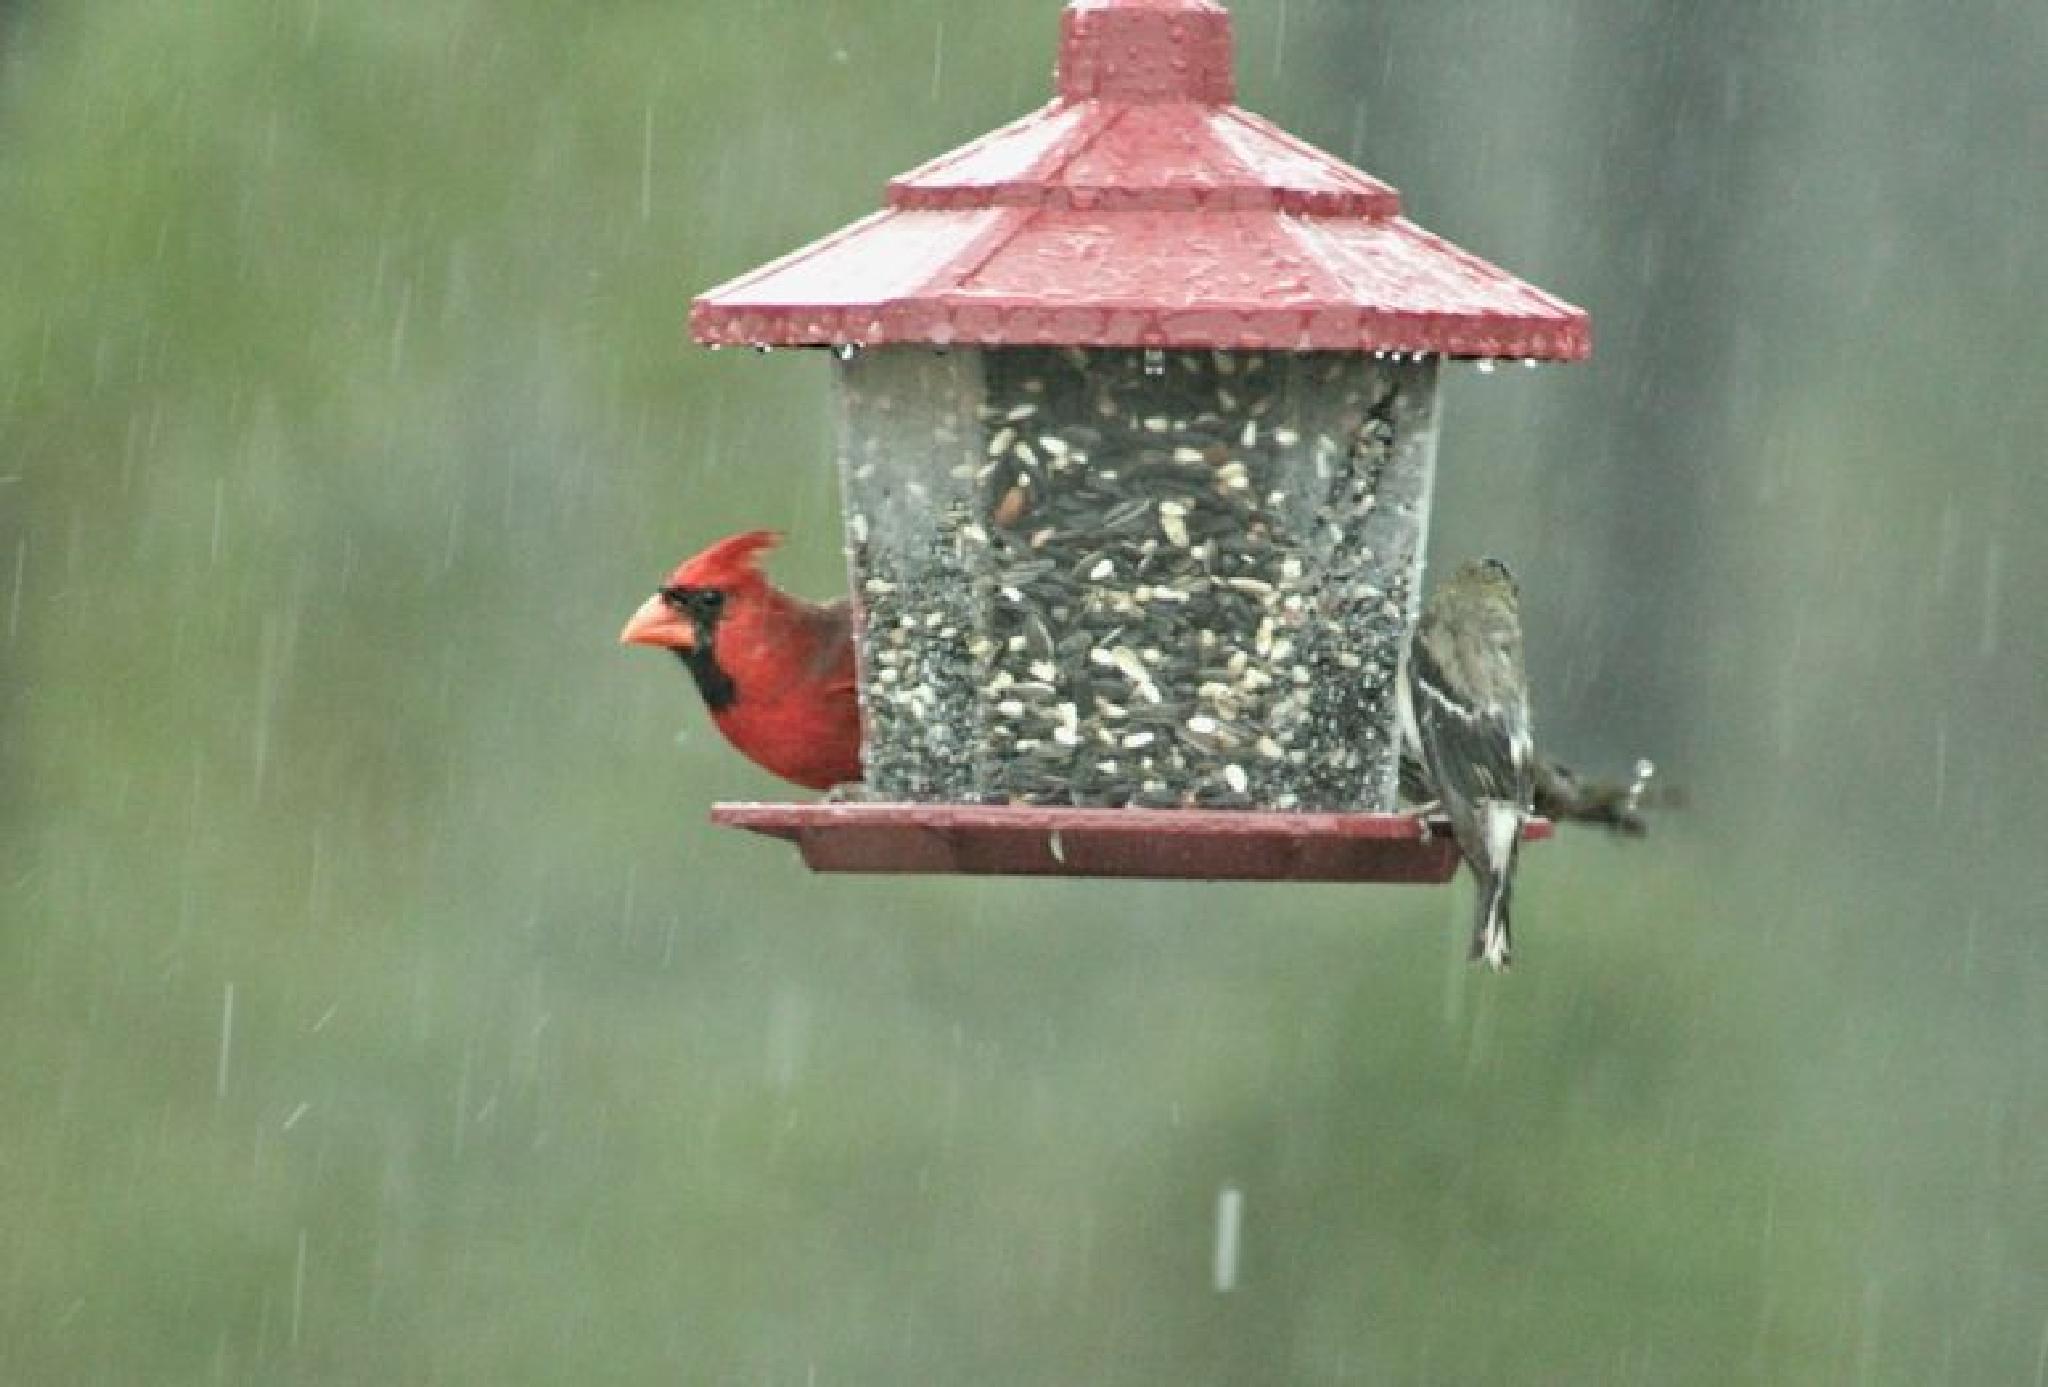 Its Raining by dubblybubbly51